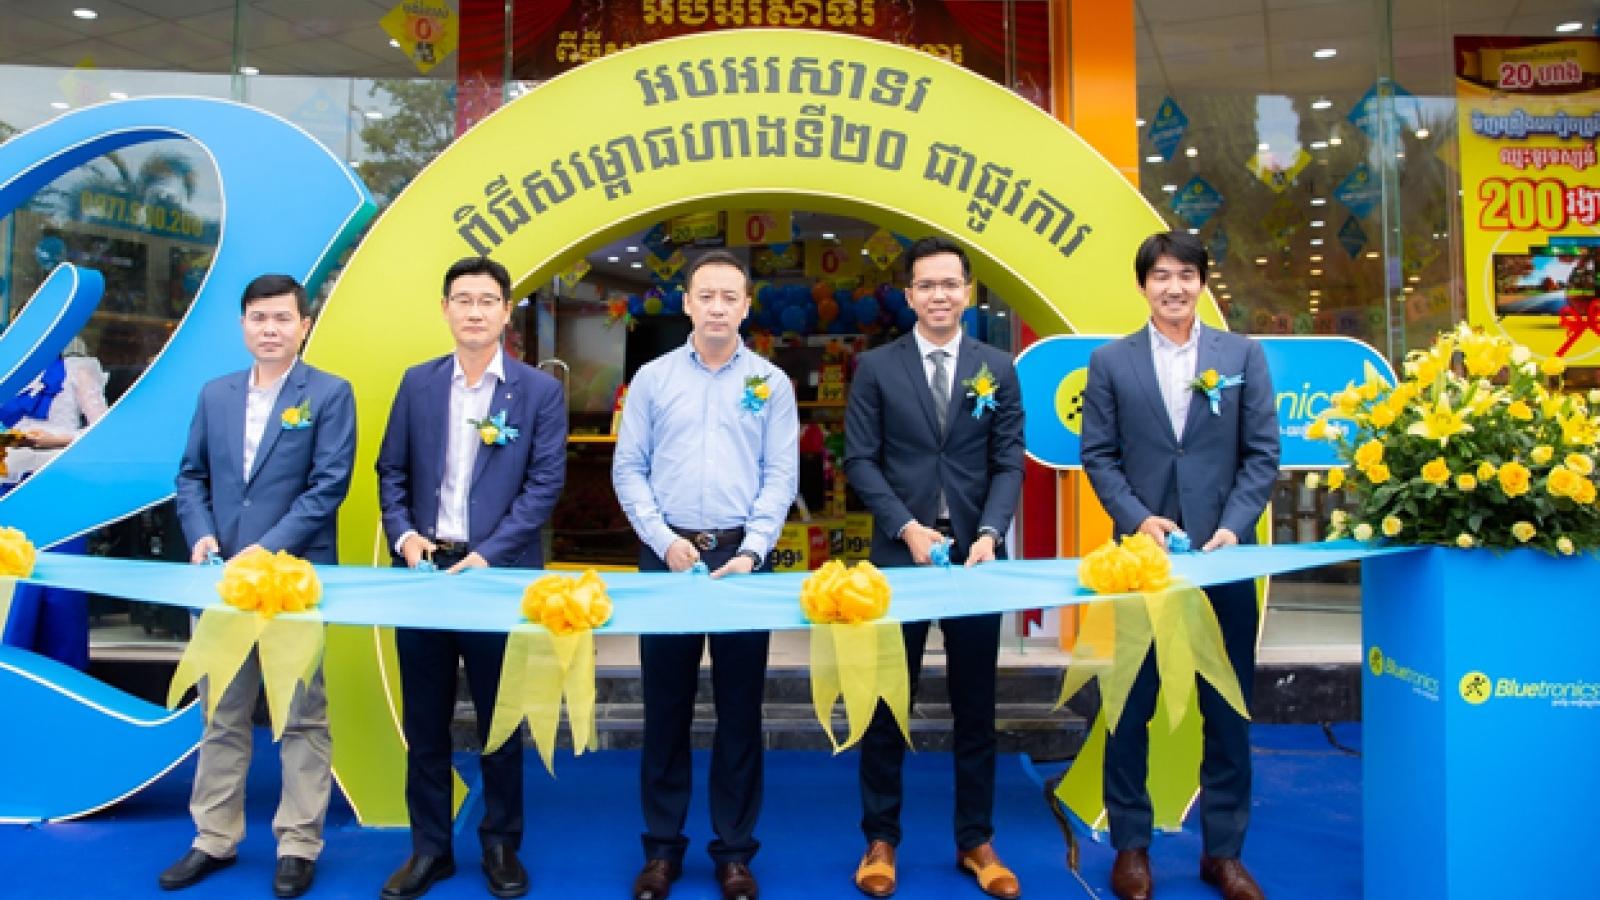 Điện máy Xanh 'xuất ngoại' thần tốc, số lượng shop gấp 3 lần đối thủ lớn nhất ở Campuchia